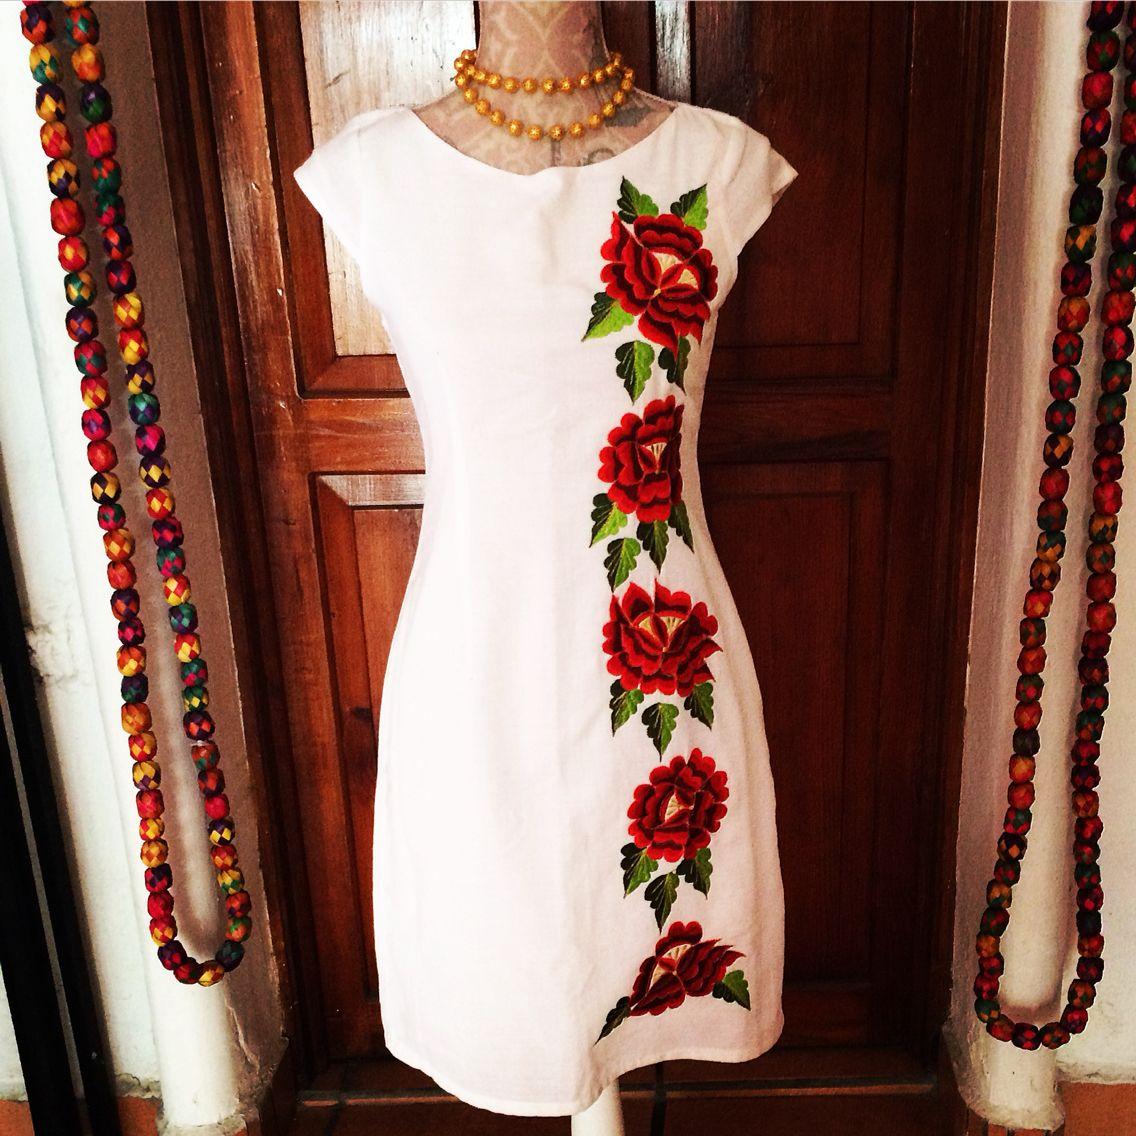 b3322755cd Vestido blanco con flores rojas bordadas del estado de Yucatán ...